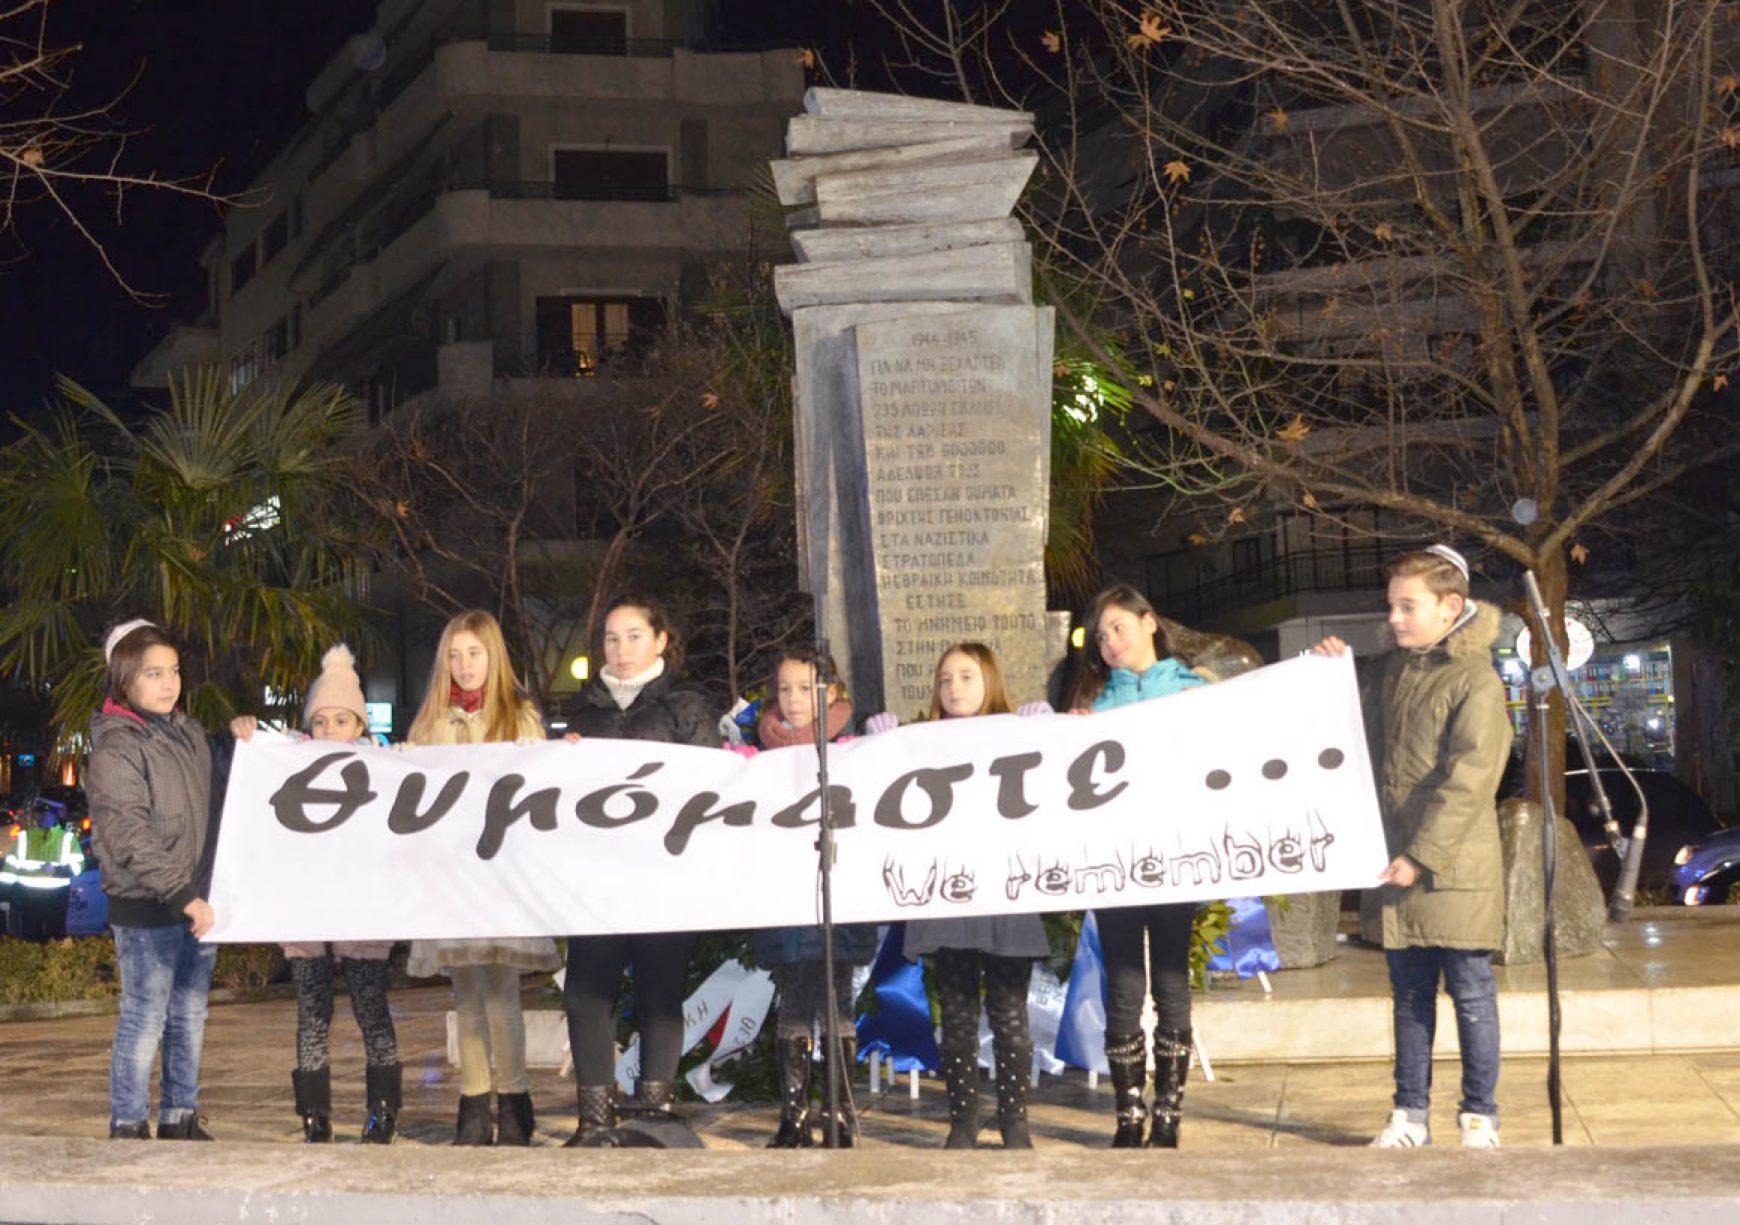 Εκδηλώσεις στη Λάρισα για το Ολοκαύτωμα από την Ισραηλιτική Κοινότητα